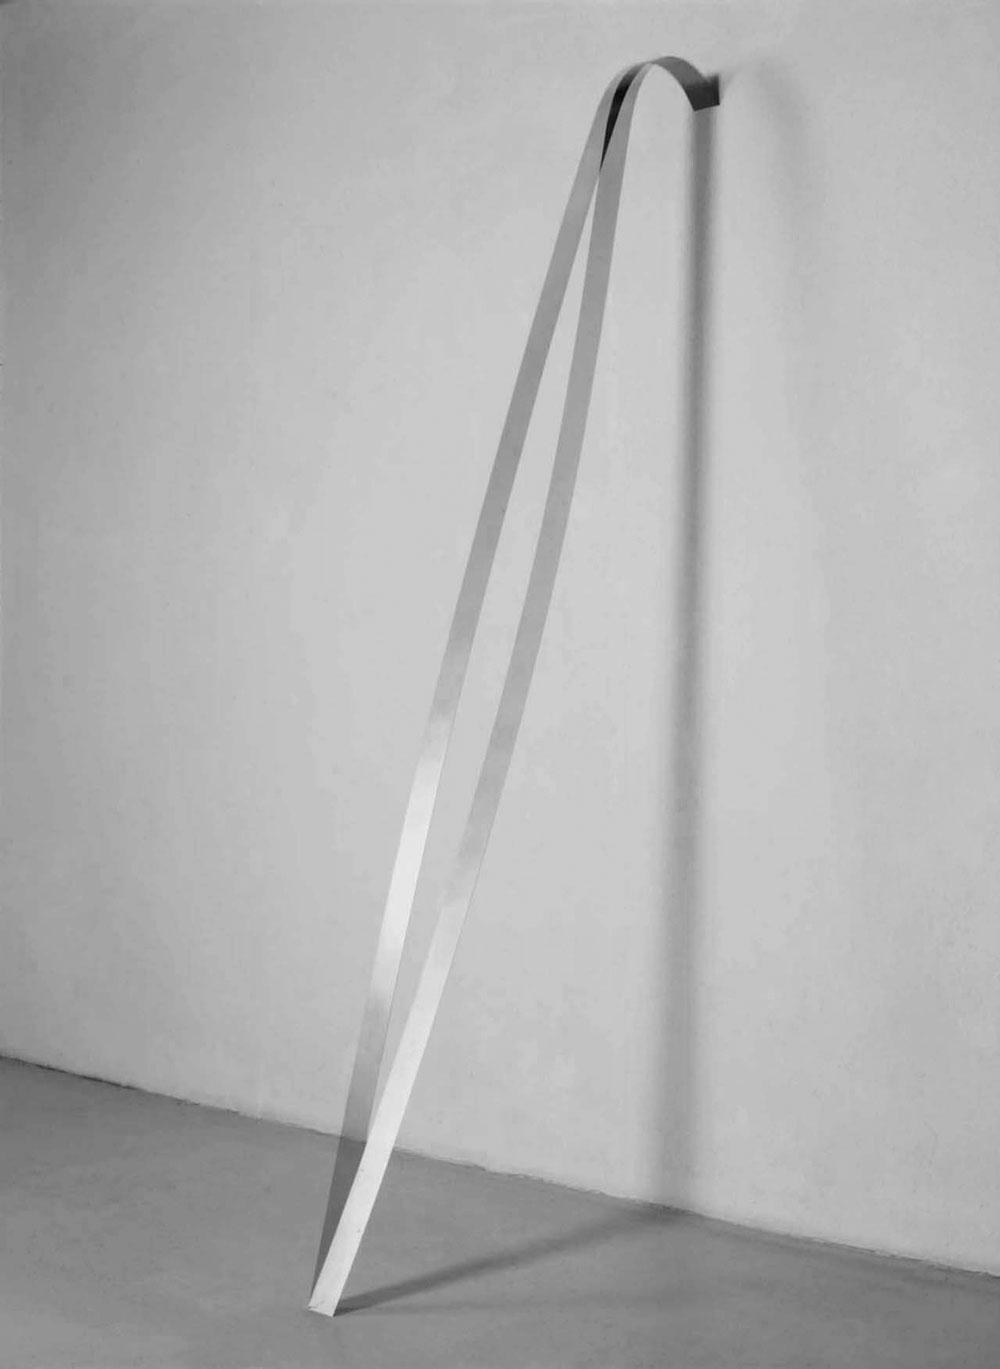 Abbildung Band, gegen die Wand lehnend in Schwingung